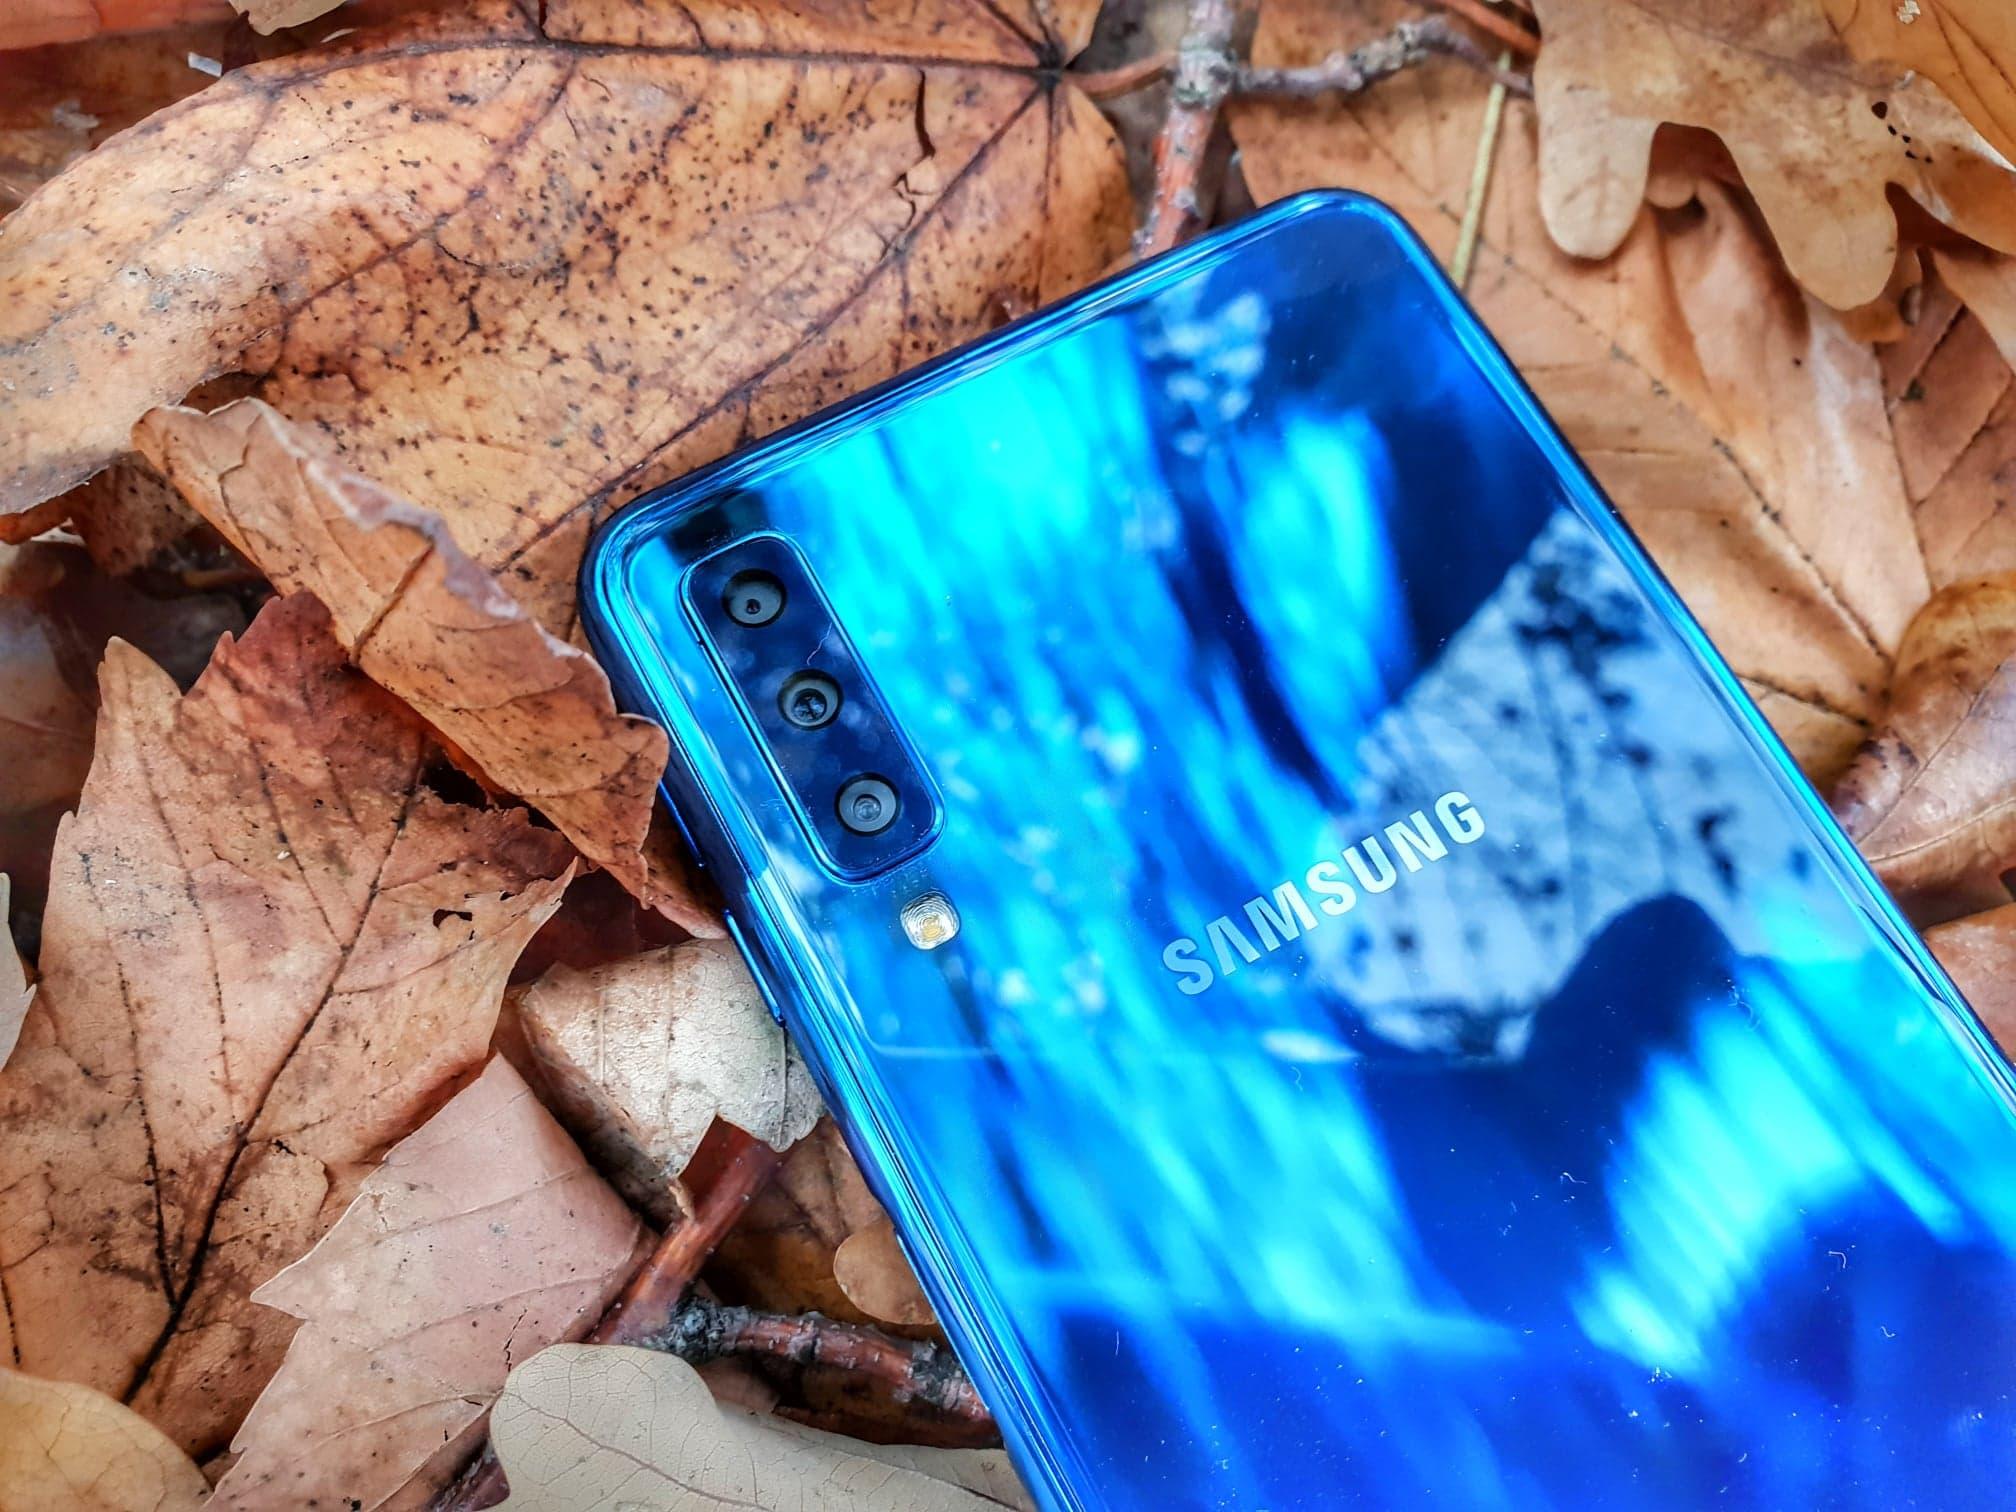 Trojitý fotoaparát ve střední třídě? Otestovali jsme nový Samsung Galaxy A7